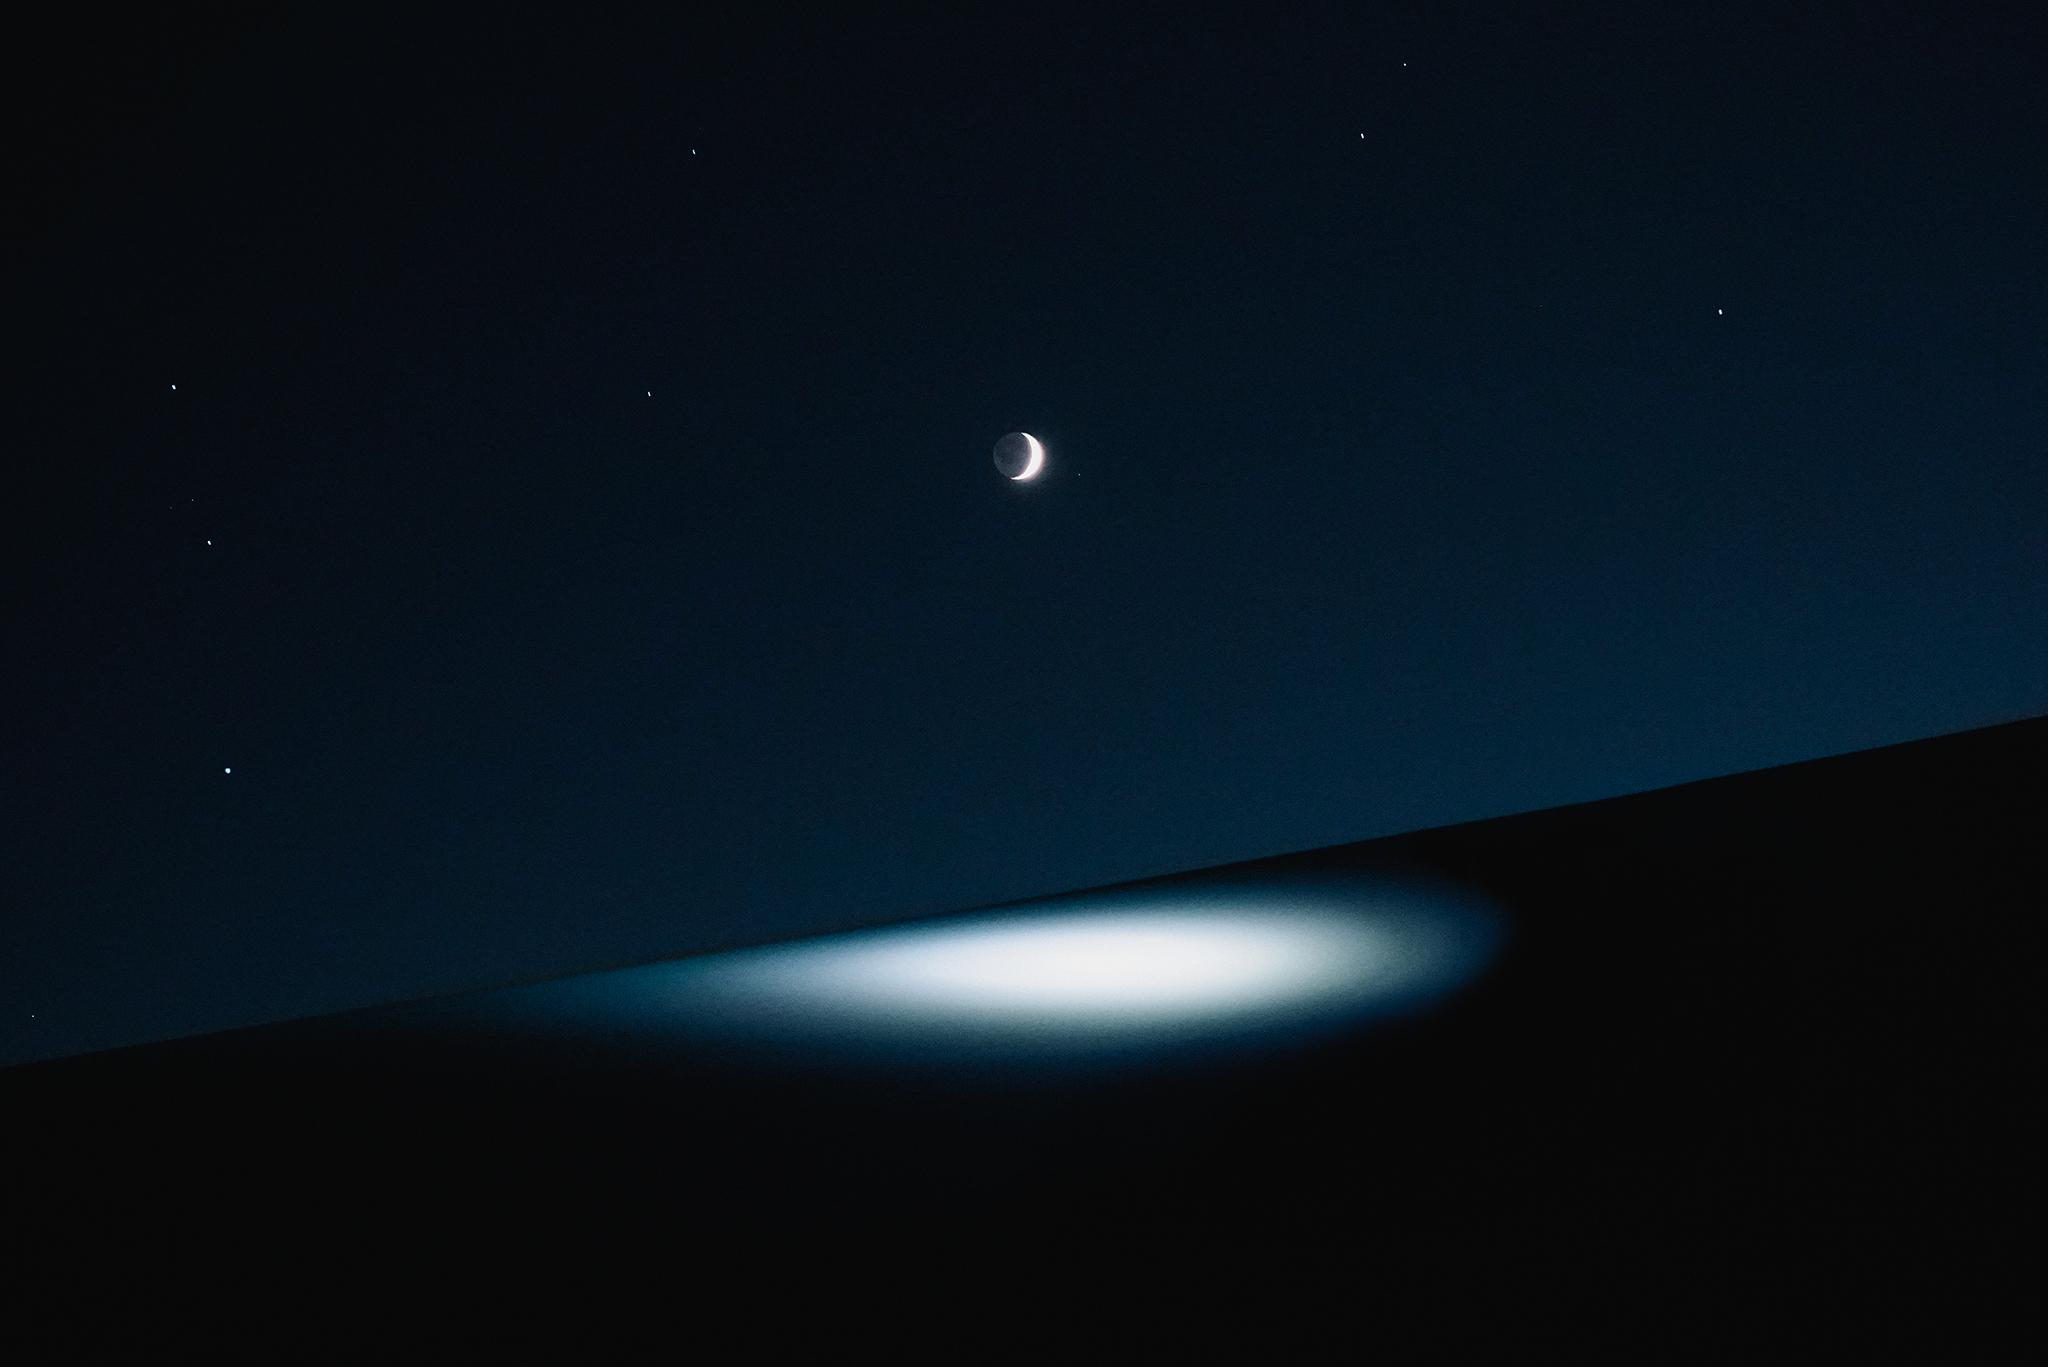 آسمان کویر در شب